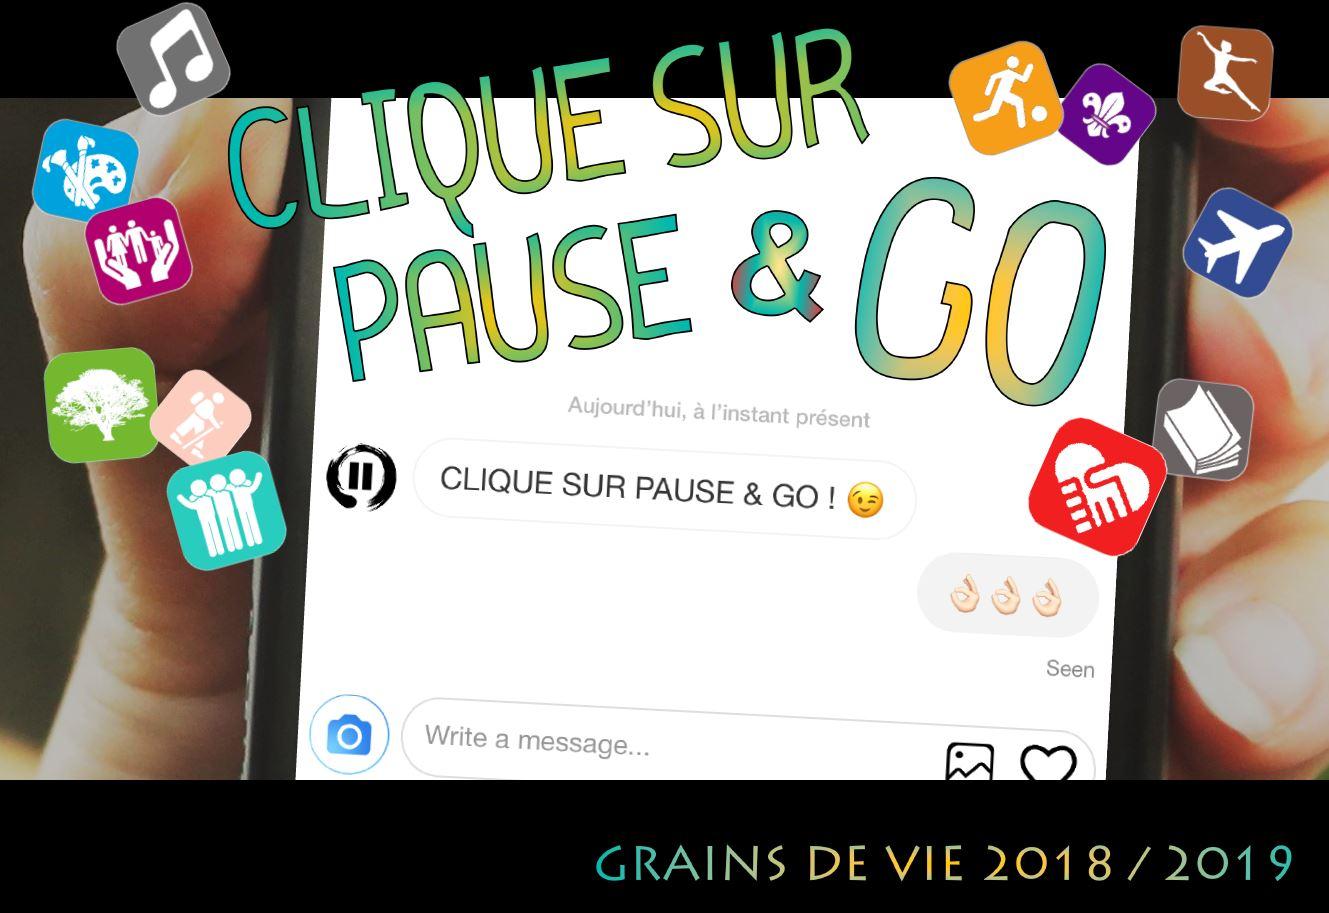 Texte de rentrée 2018 Clique sur pause